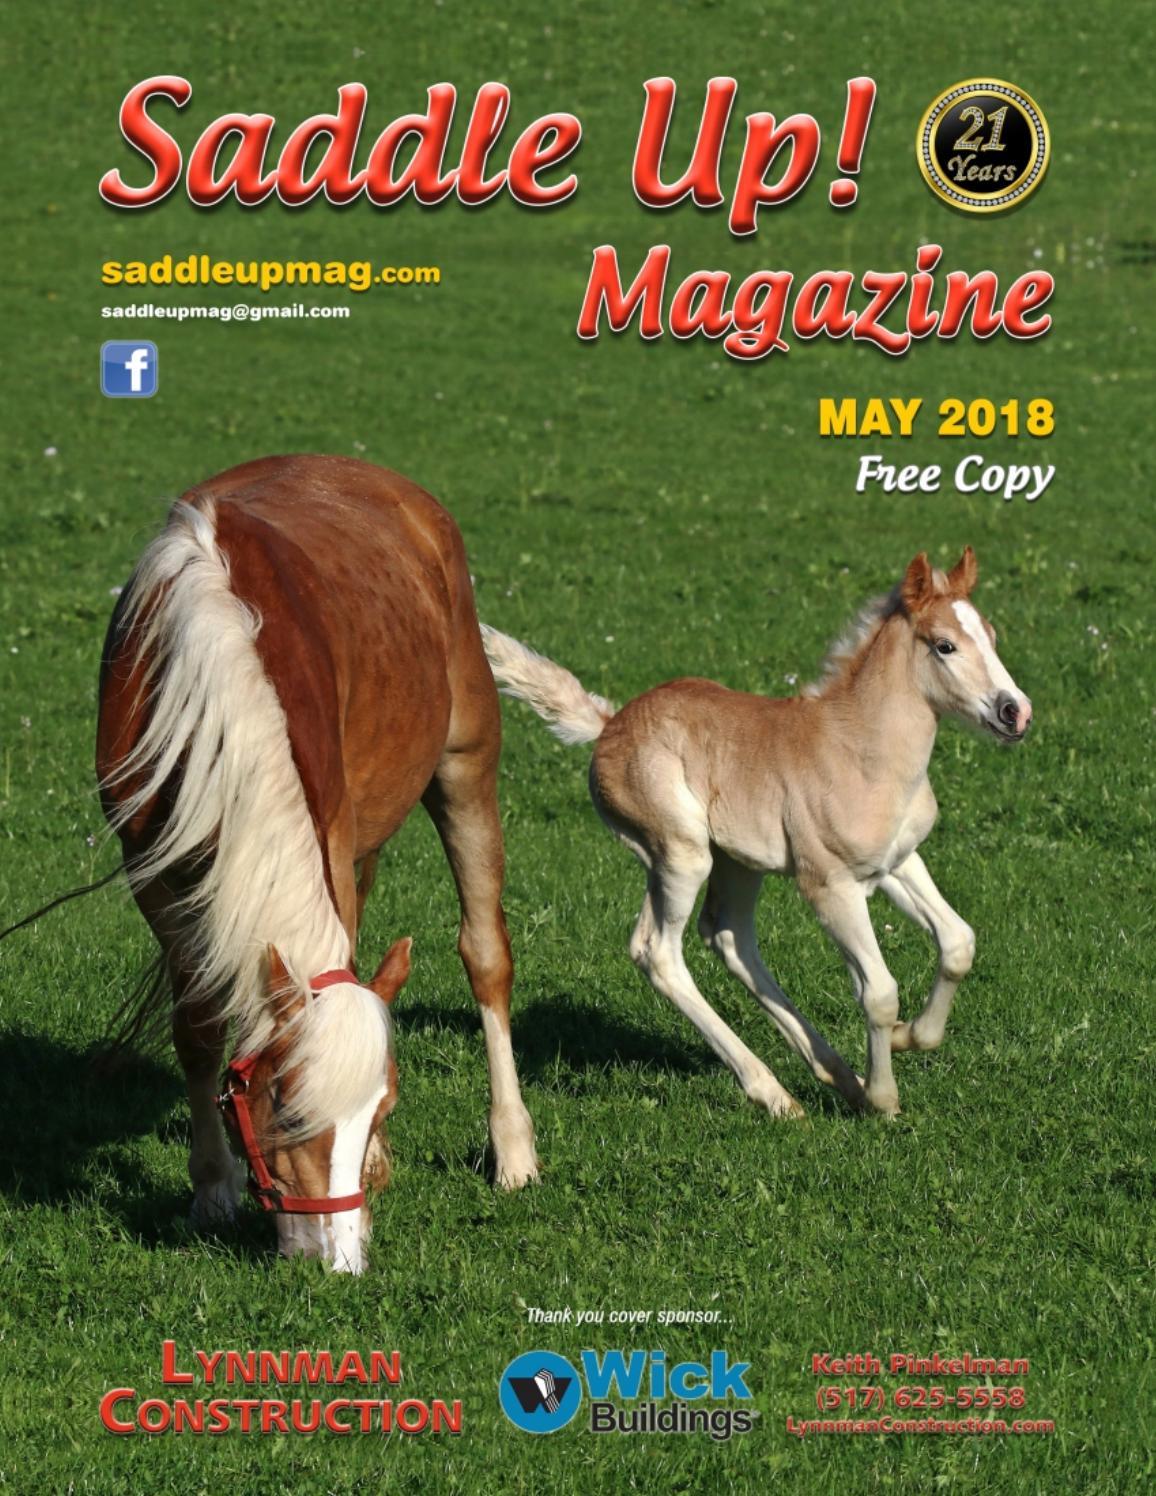 May 2018 Saddle Up! Magazine